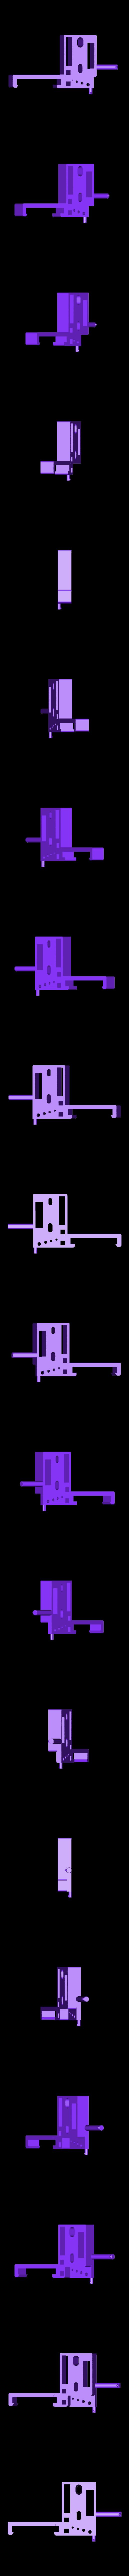 Prusa_MK3_Toolholder.stl Télécharger fichier STL gratuit Prusa i3 MK3 Porte-outils • Plan pour imprimante 3D, petclaud